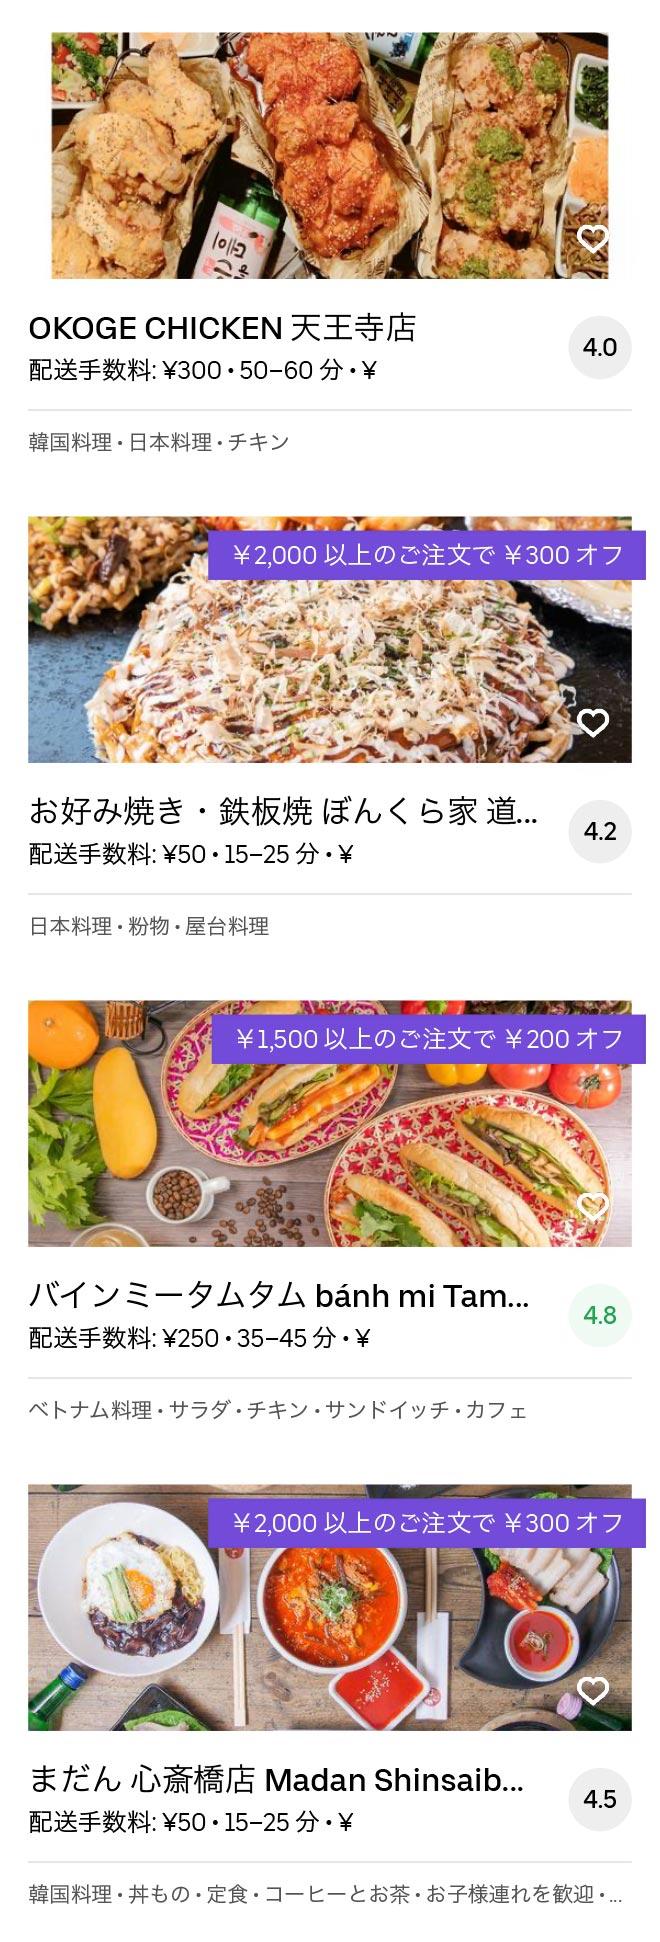 Osaka nanba menu 2005 06